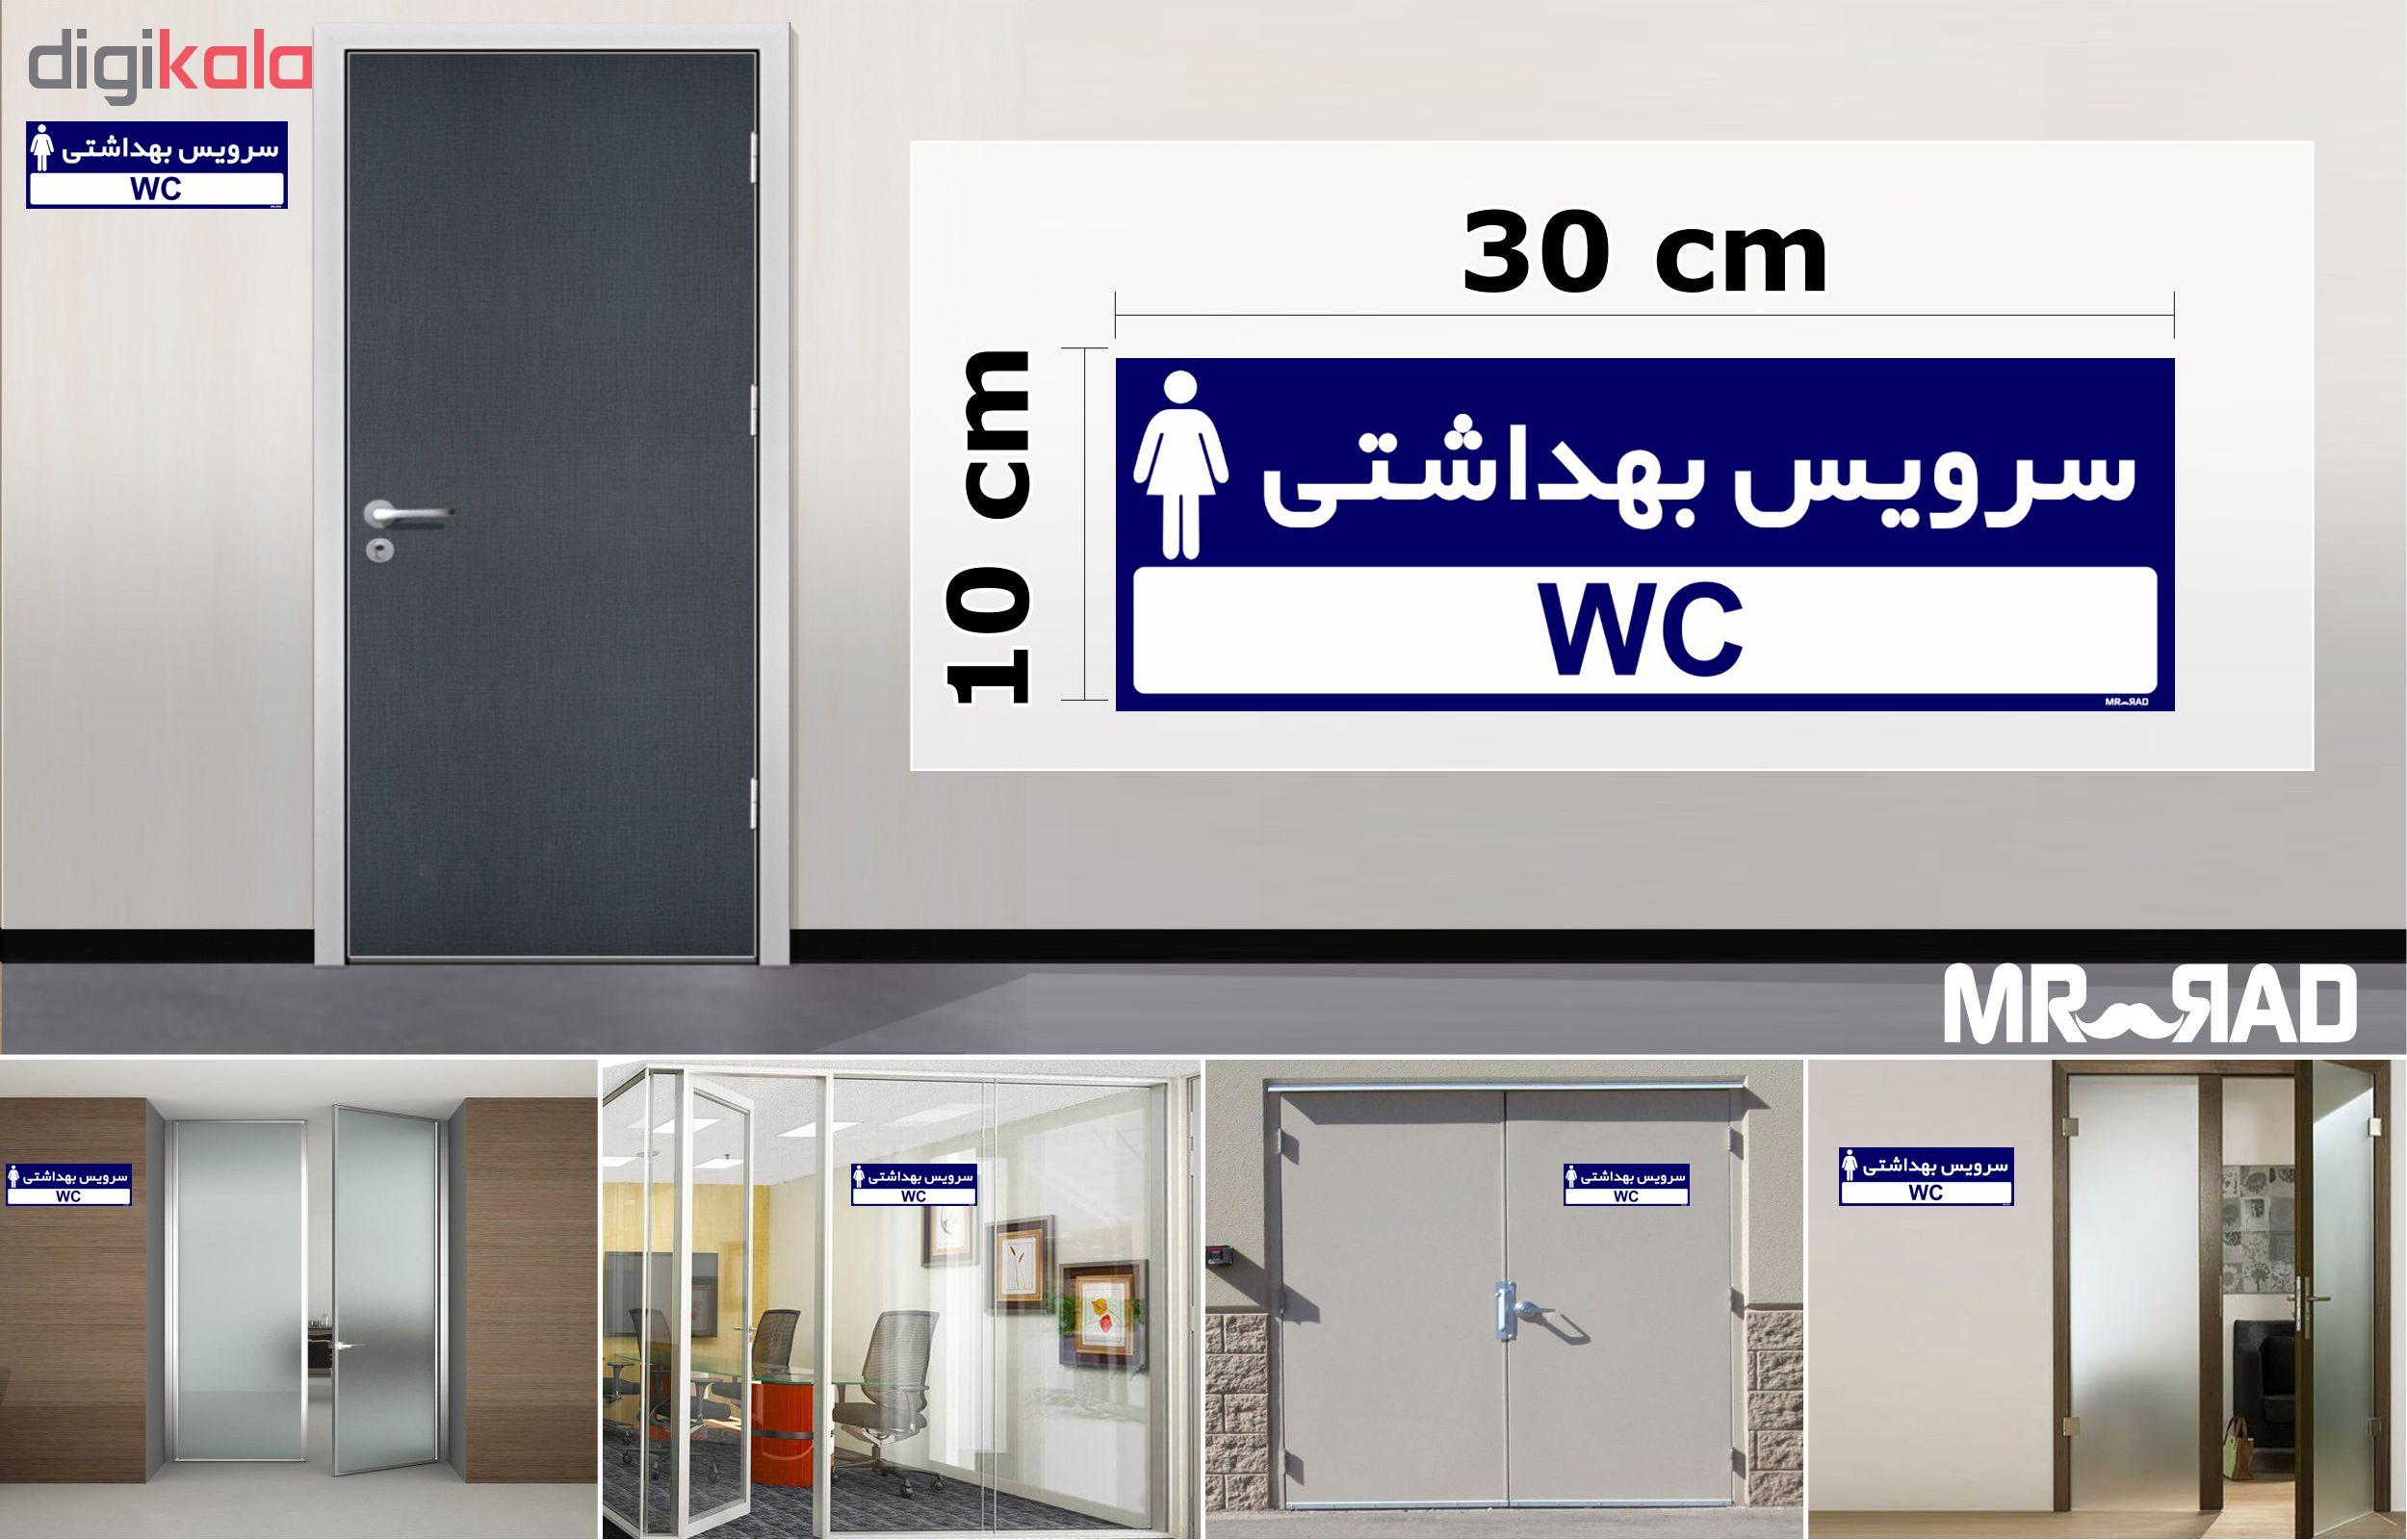 تابلو راهنمای اتاق FG طرح سرویس بهداشتی کدTHO0267